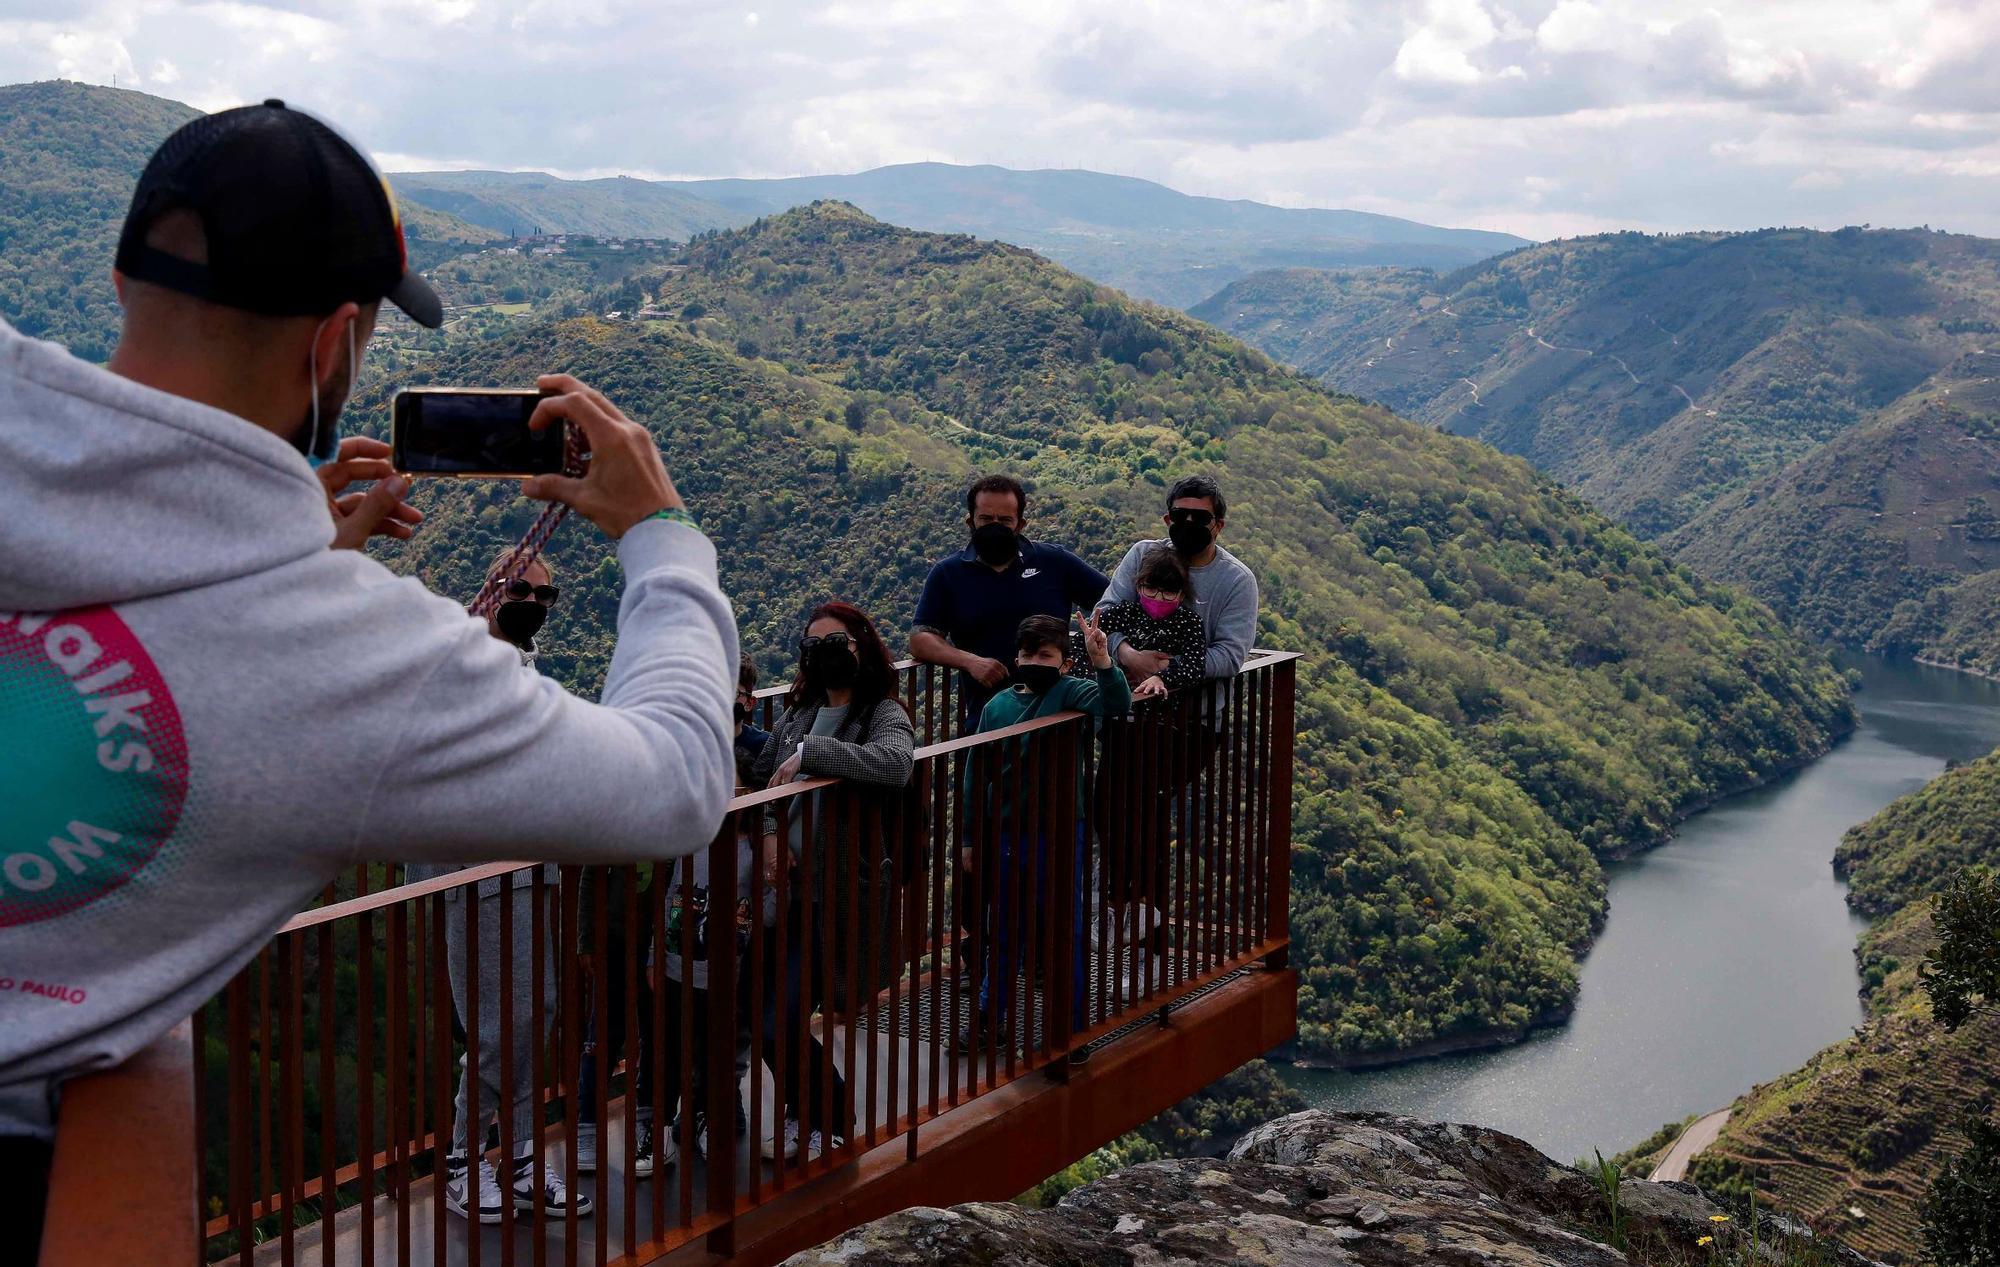 La magia de la Ribeira Sacra y los cañones del Sil, a vista de dron